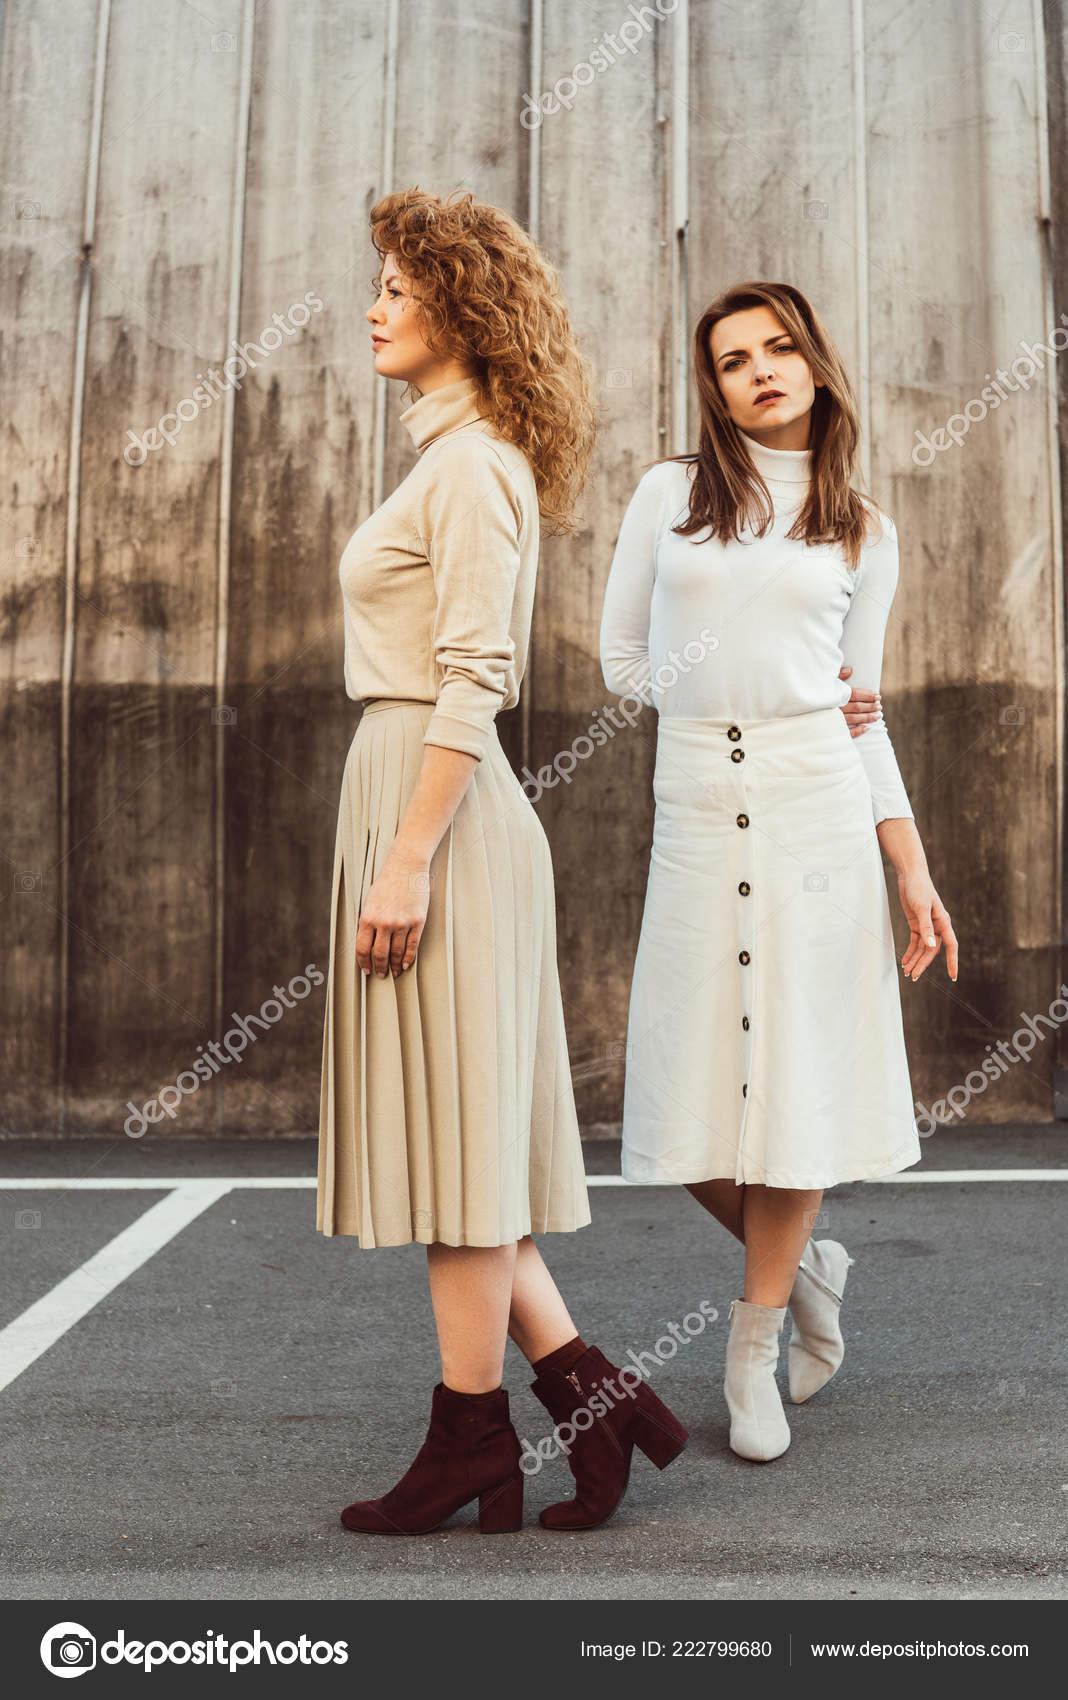 Modelos Femininos Moda Golas Saias Posando Rua Urbana Stock Photo